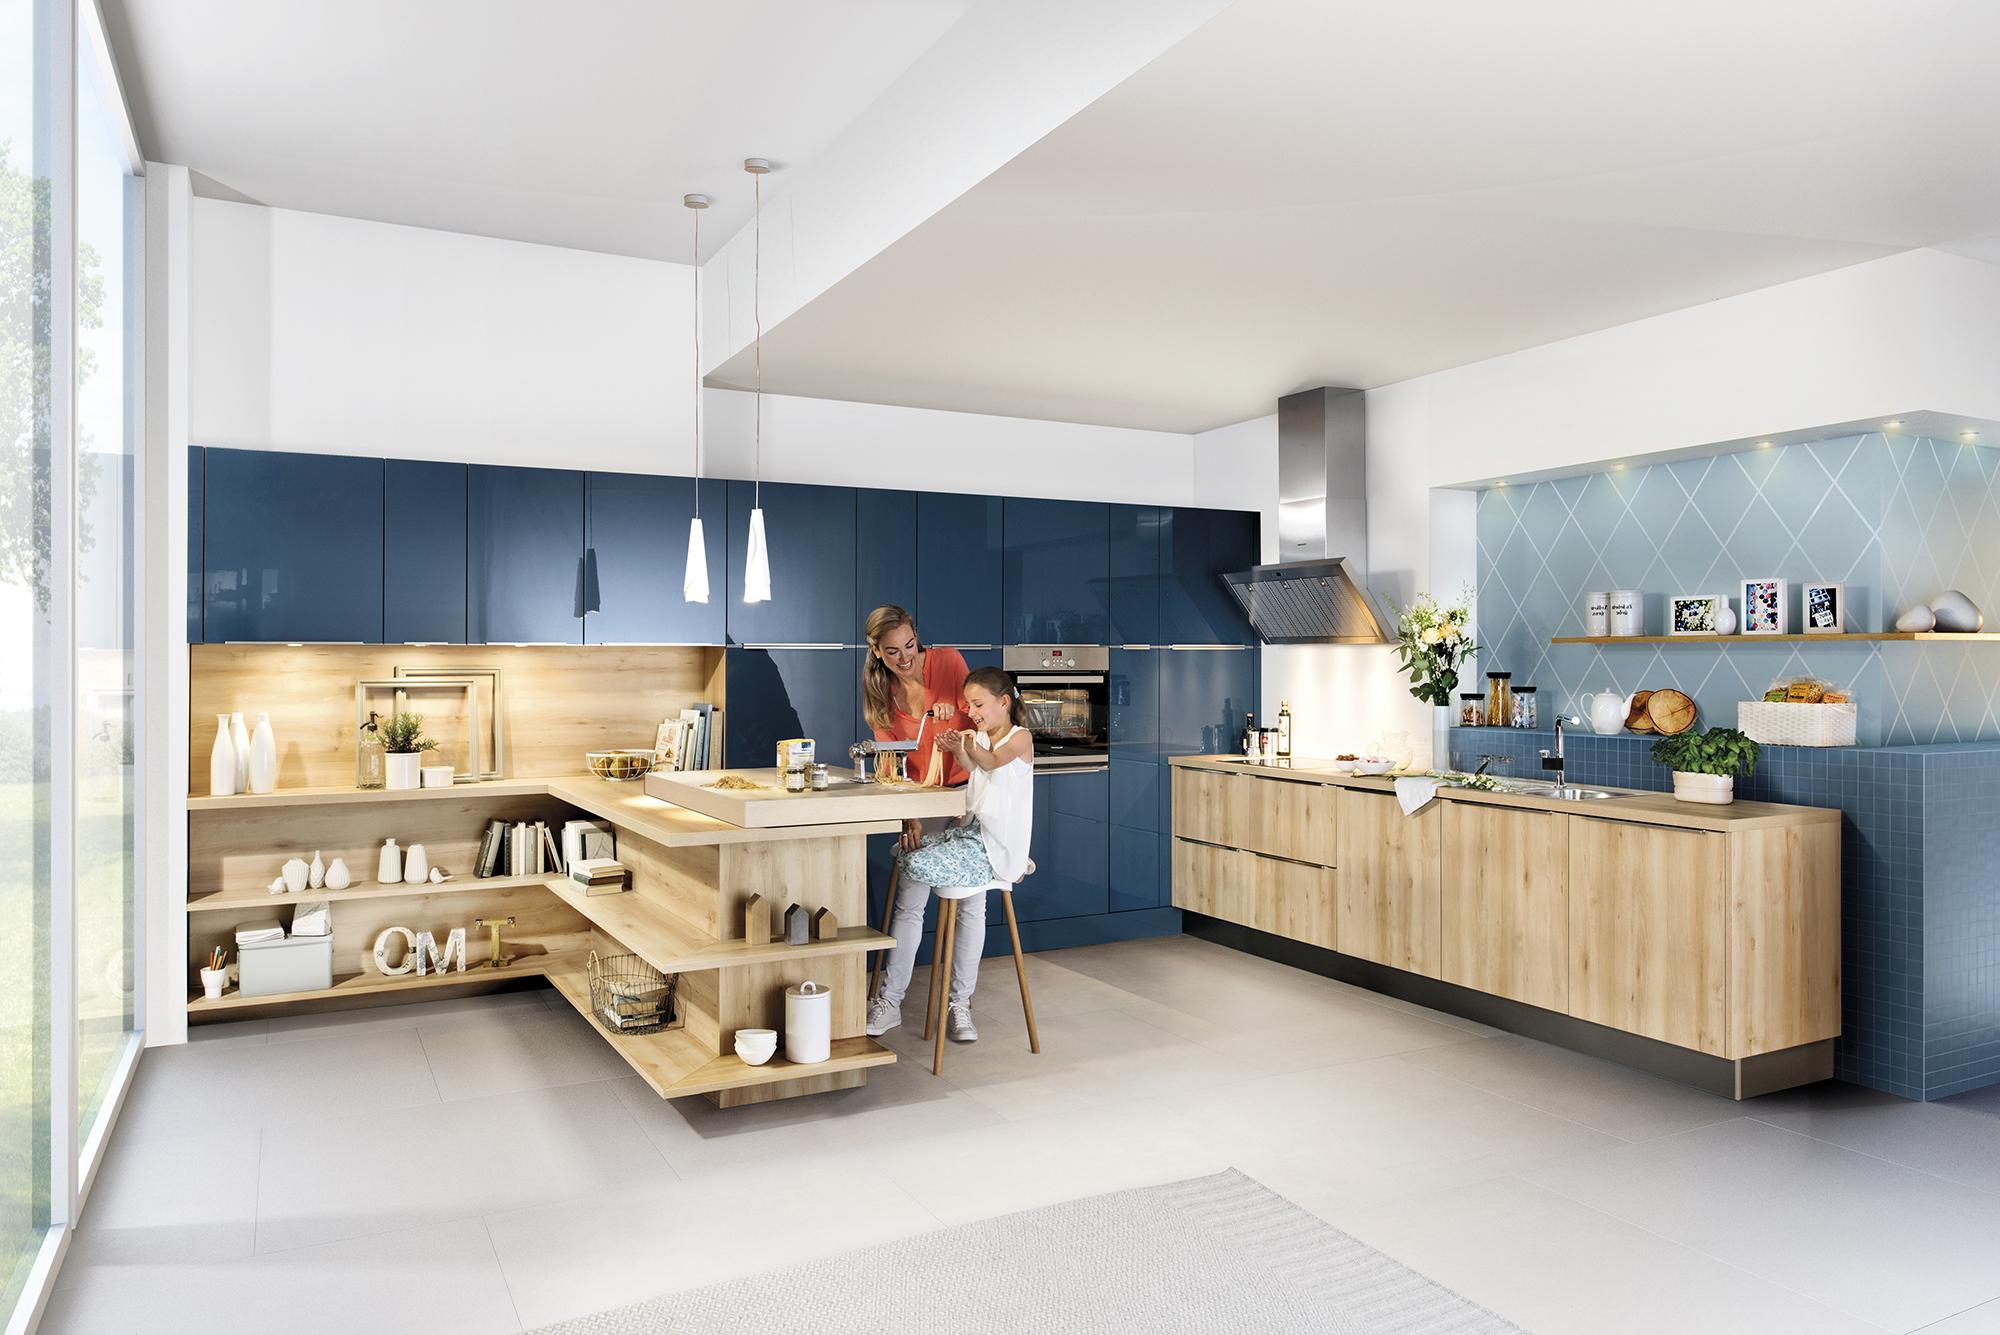 JM CUISINES LASER vente cuisine orsay bagneux